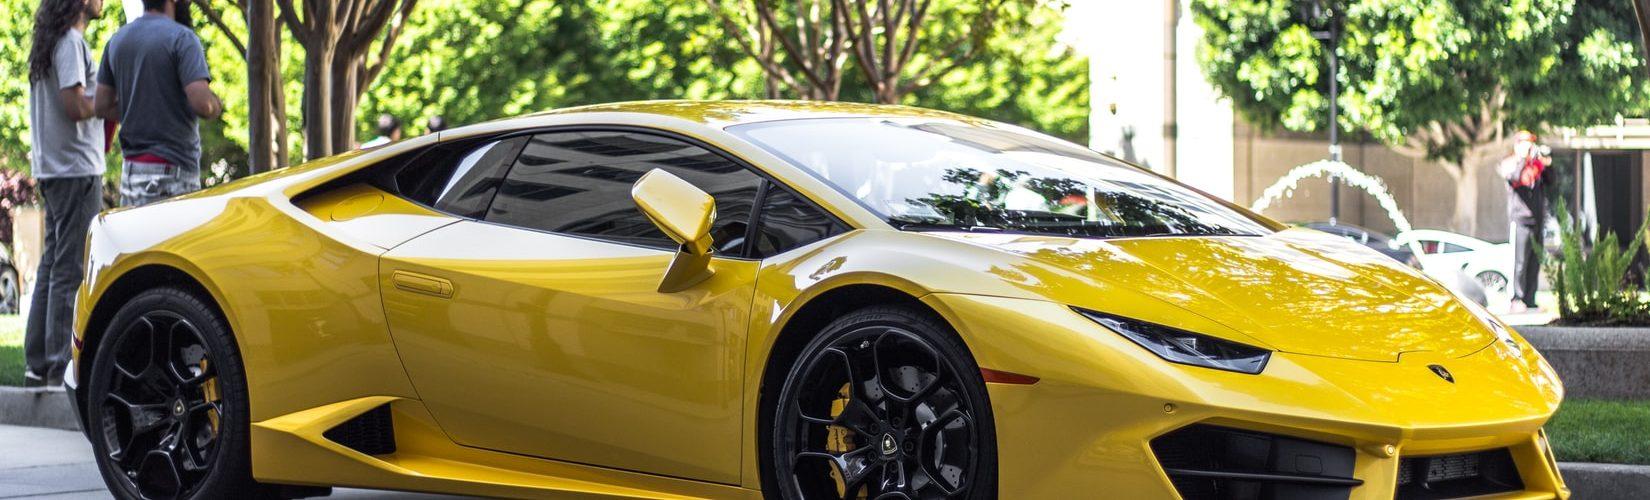 Ferrari 812 Superfast auto